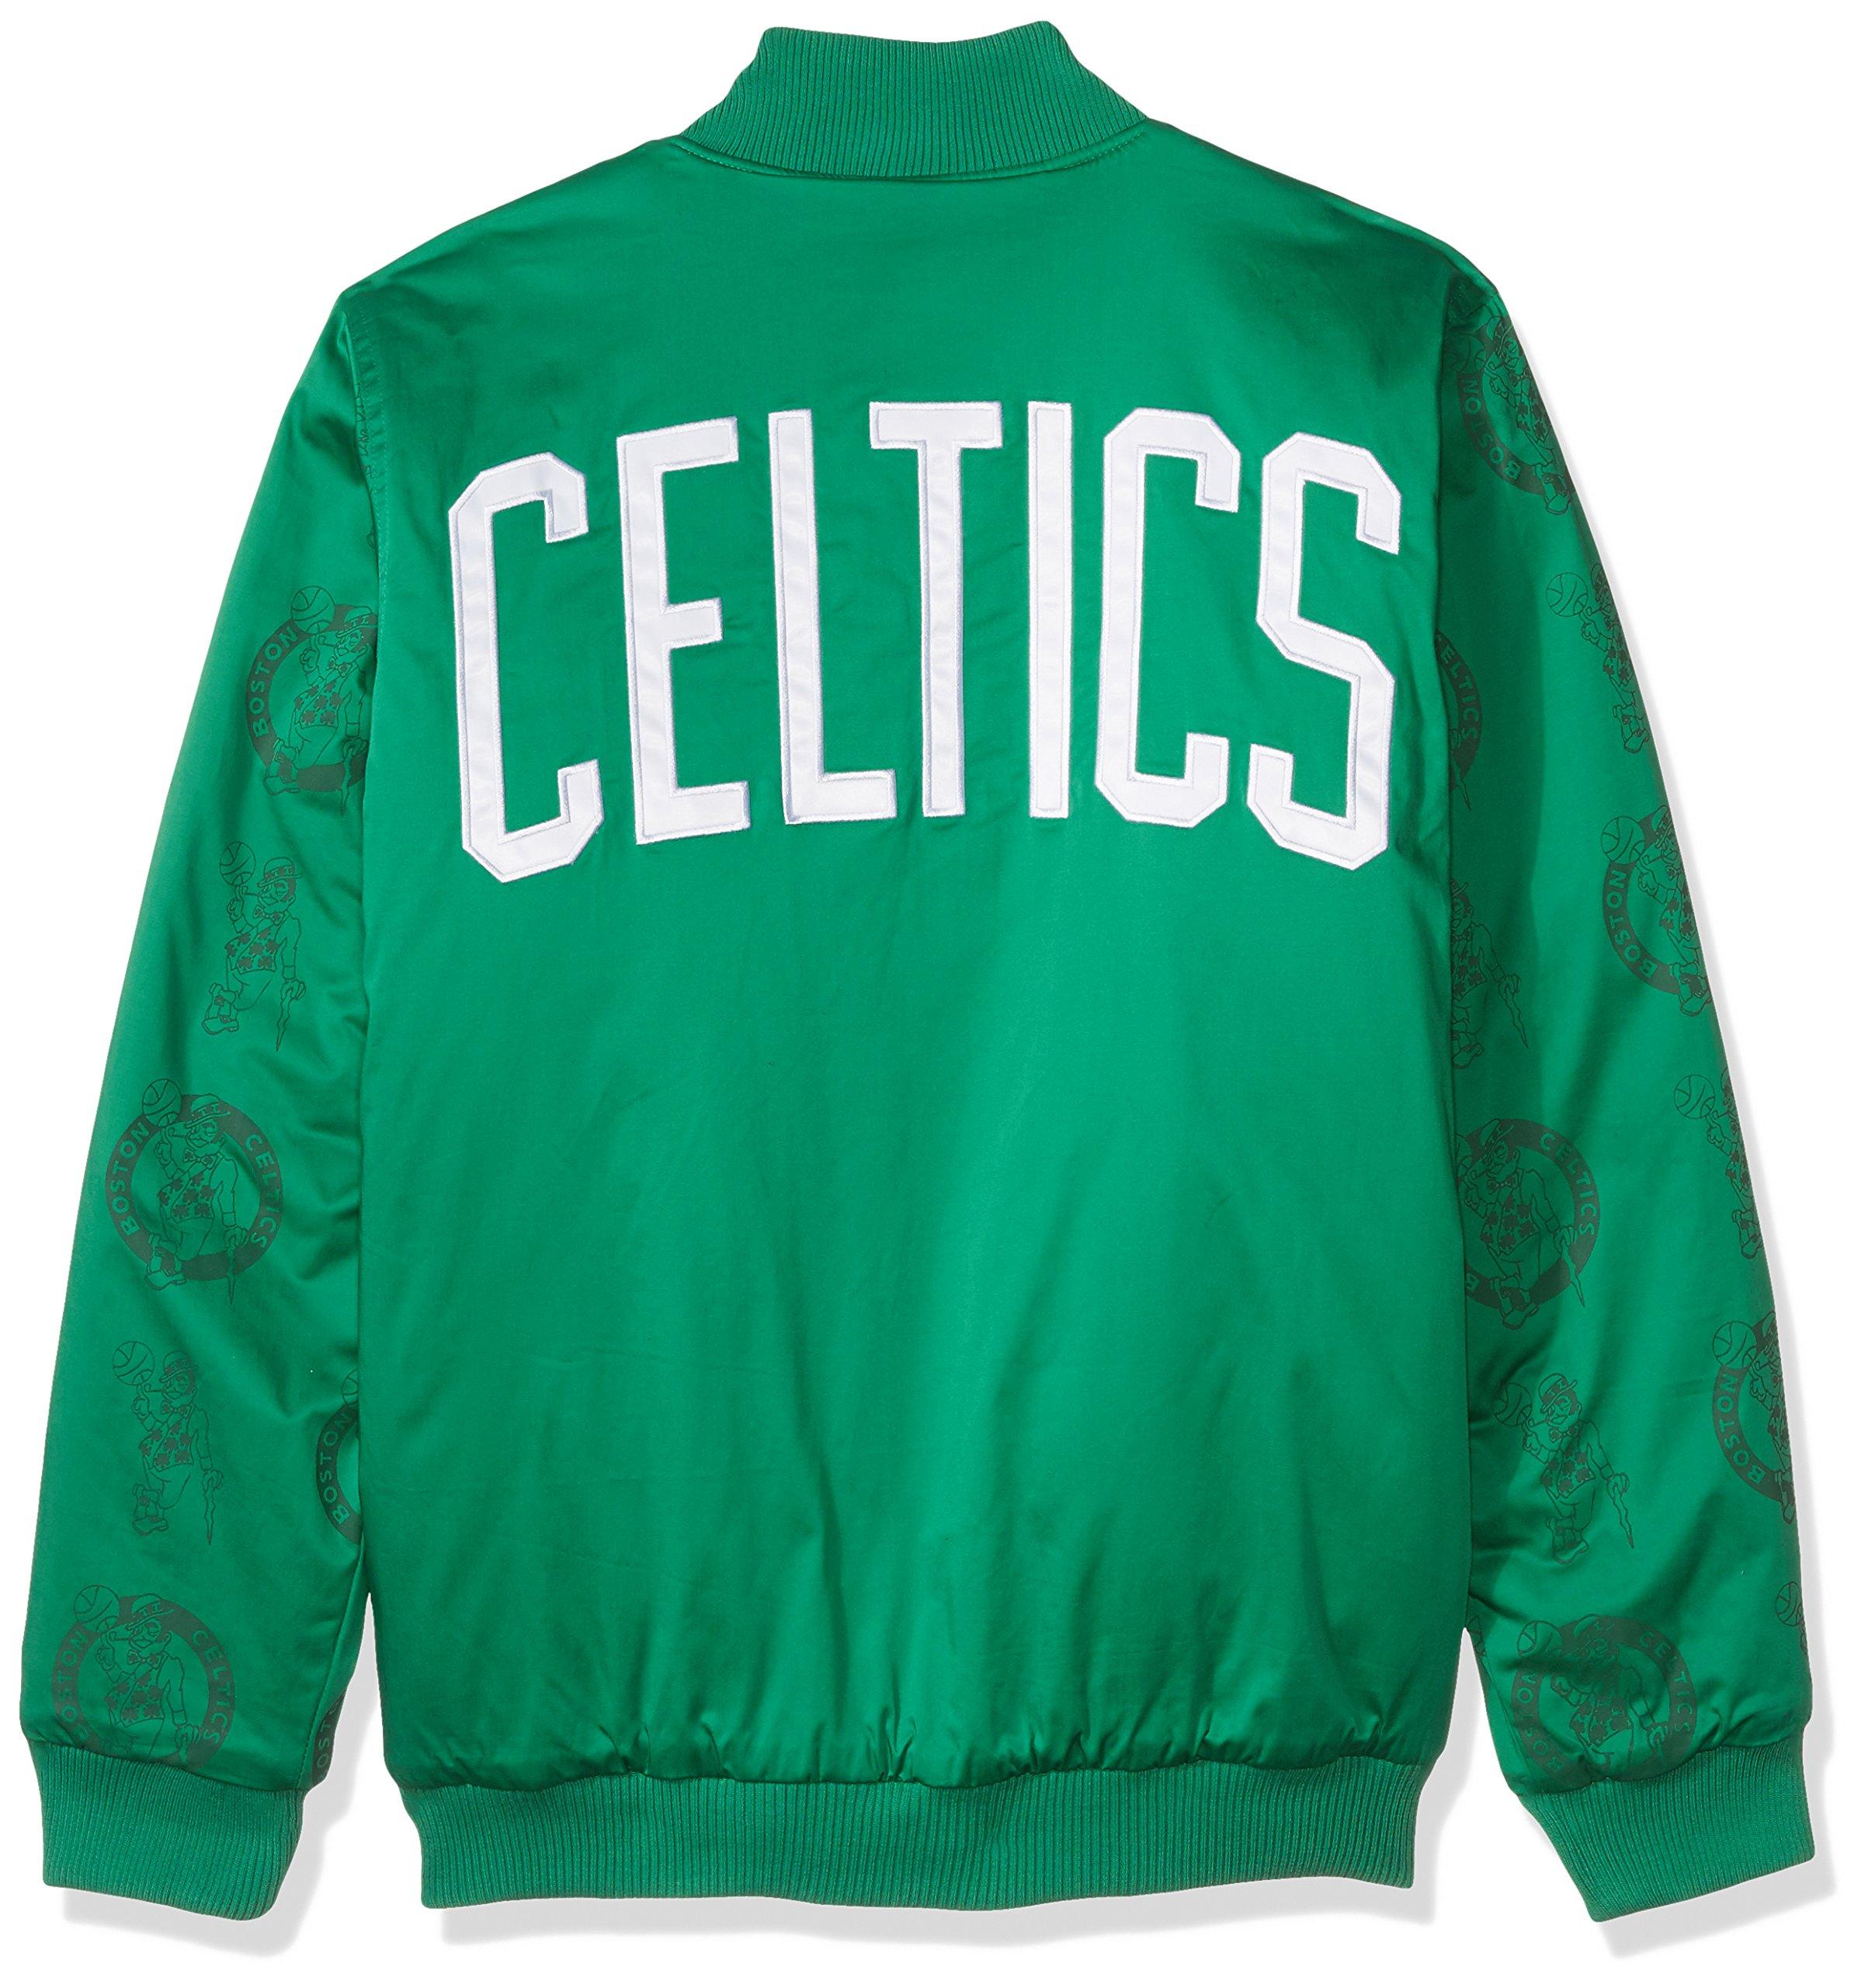 STARTER NBA Boston Celtics Men's Varsity Bomber Jacket, 3X, Green by STARTER (Image #2)